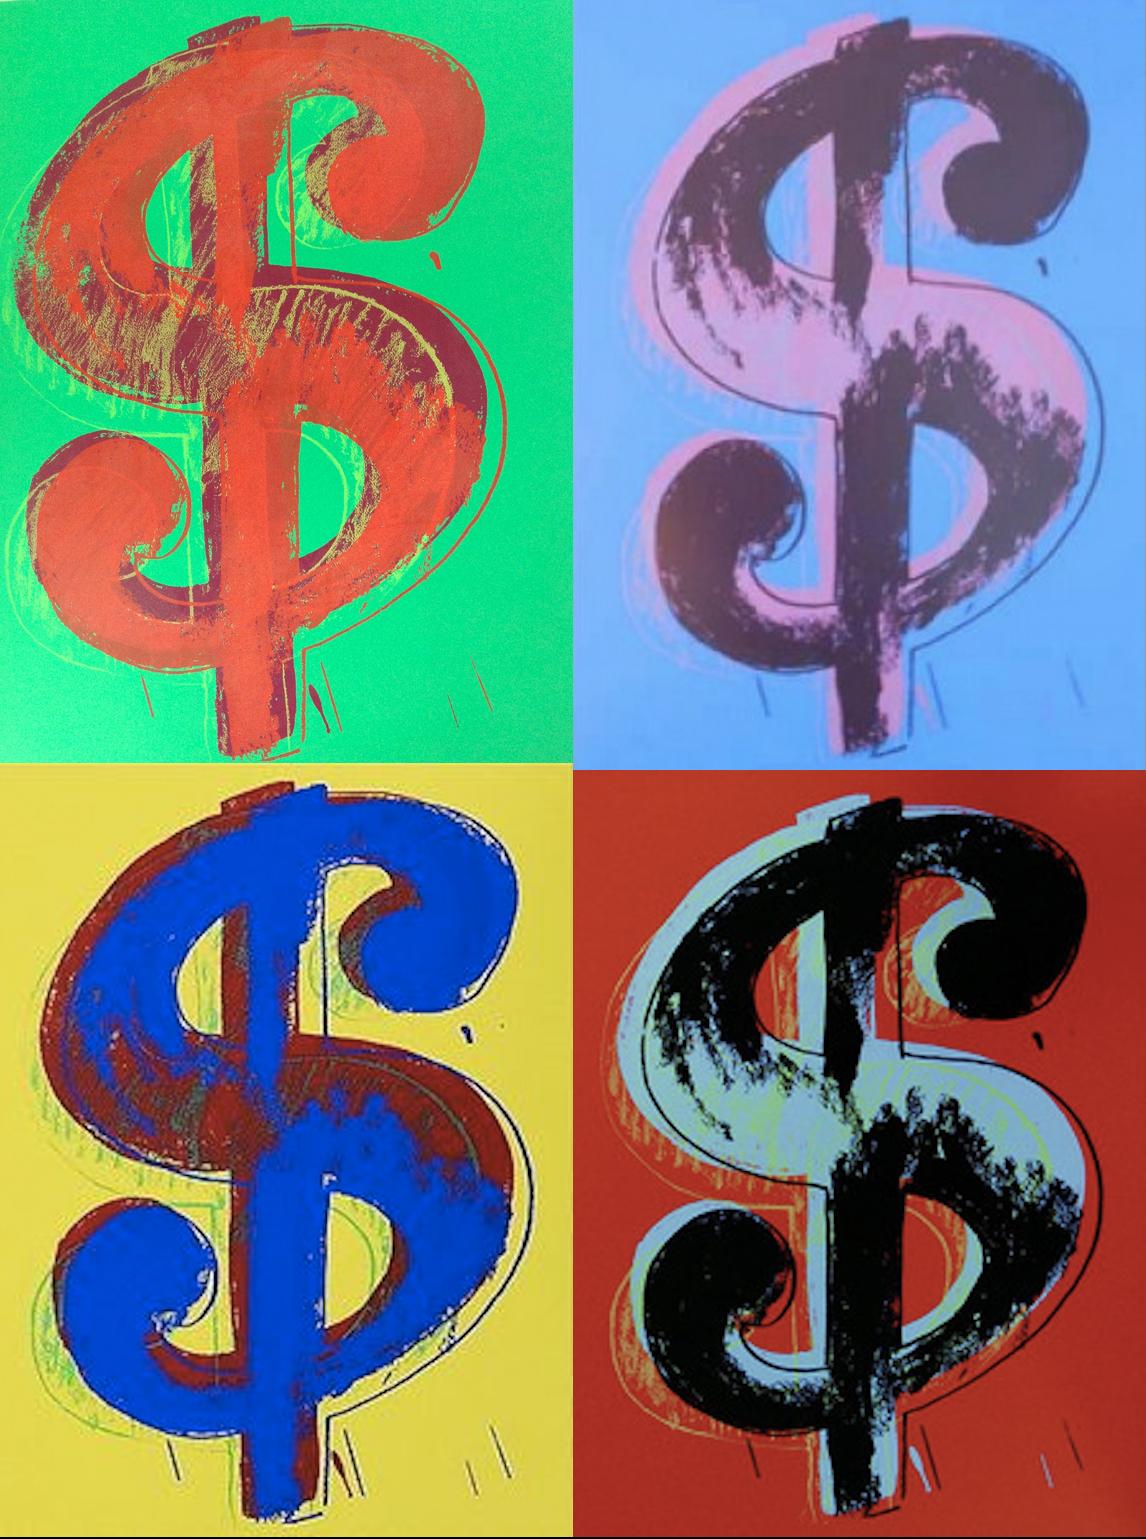 Single Dollar Sign Portfolio by Andy Warhol